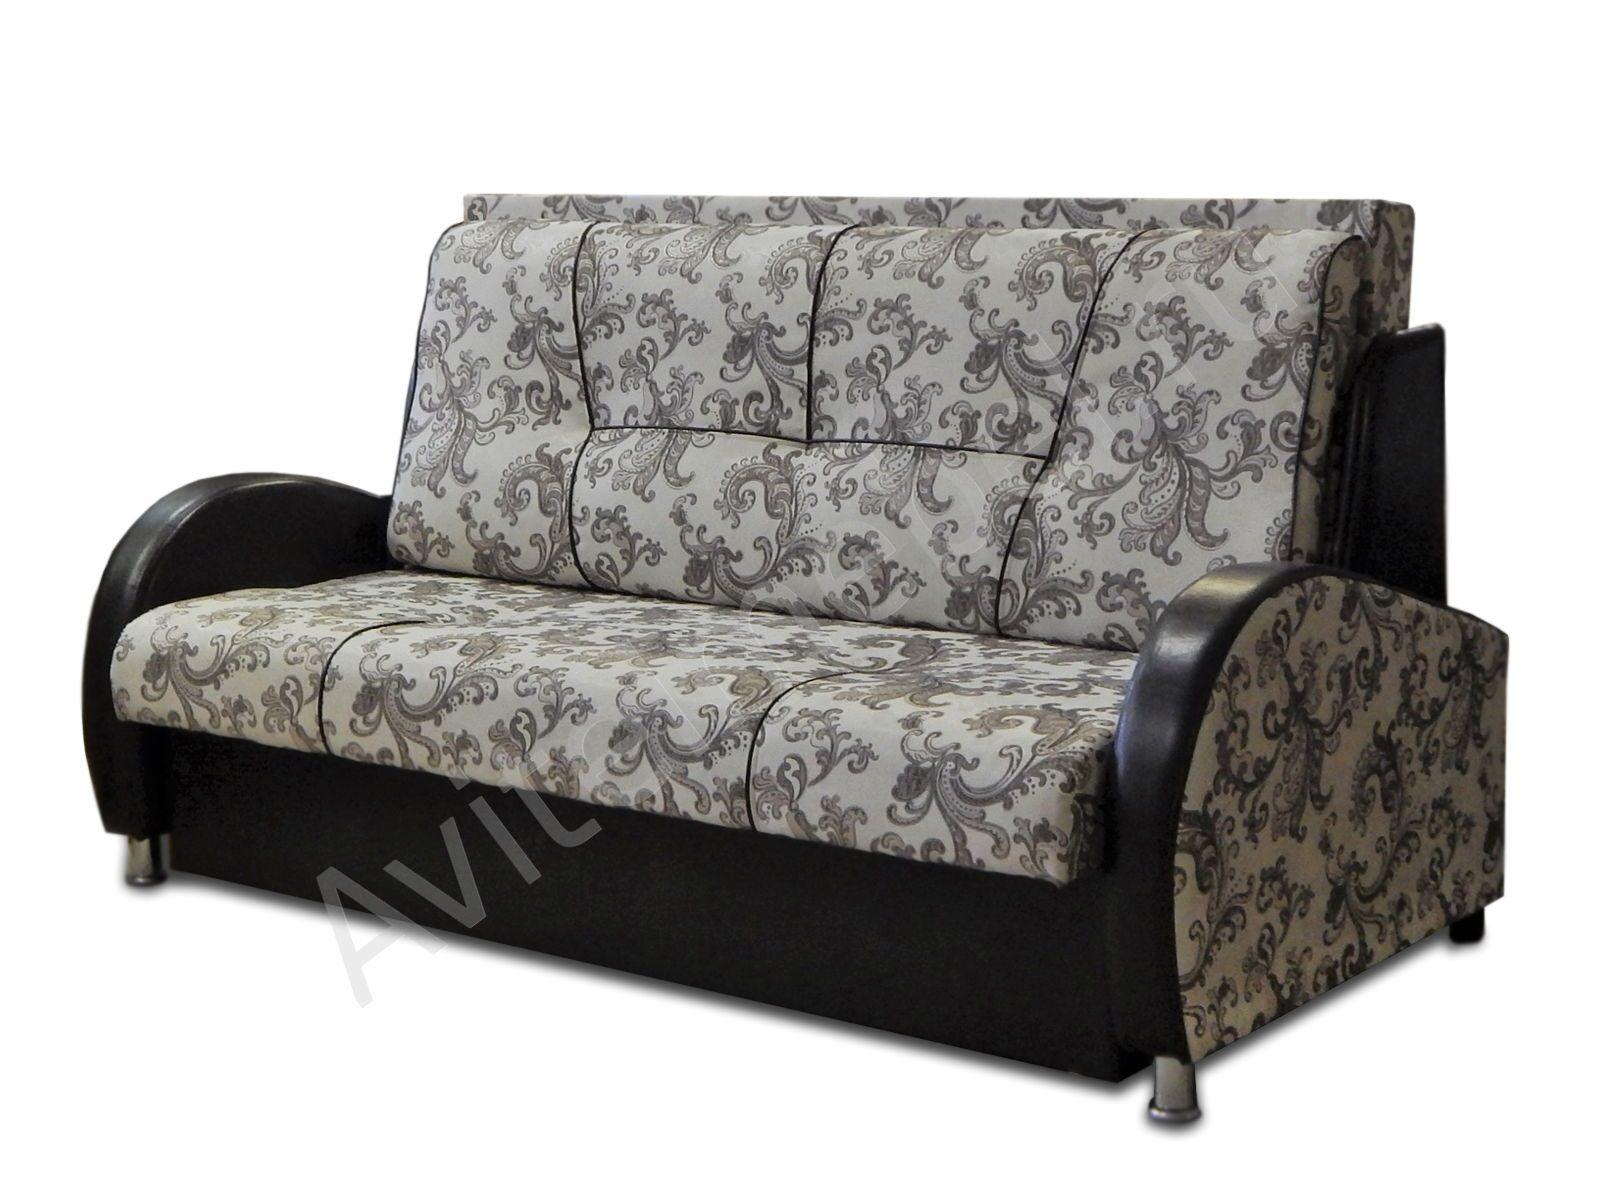 купить диван еврокнижка с ящиком для белья